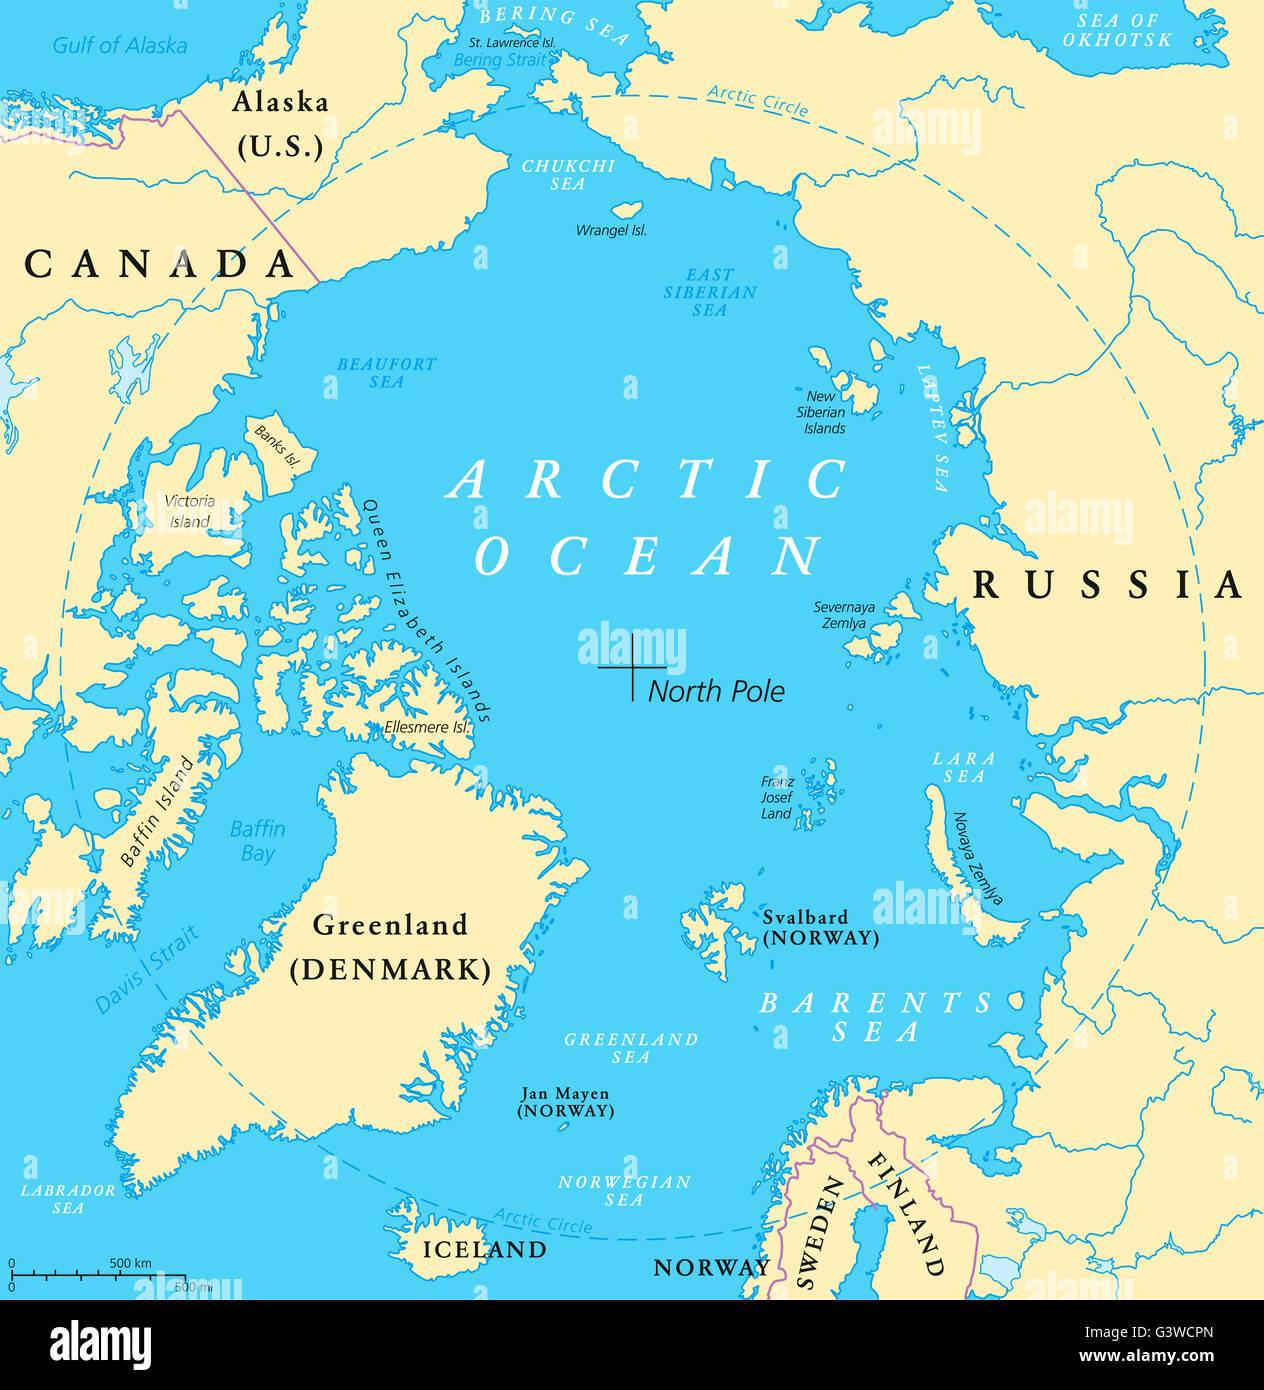 polarkreis karte Arktischen Ozean Karte mit Nordpol und Polarkreis. Arktis Karte